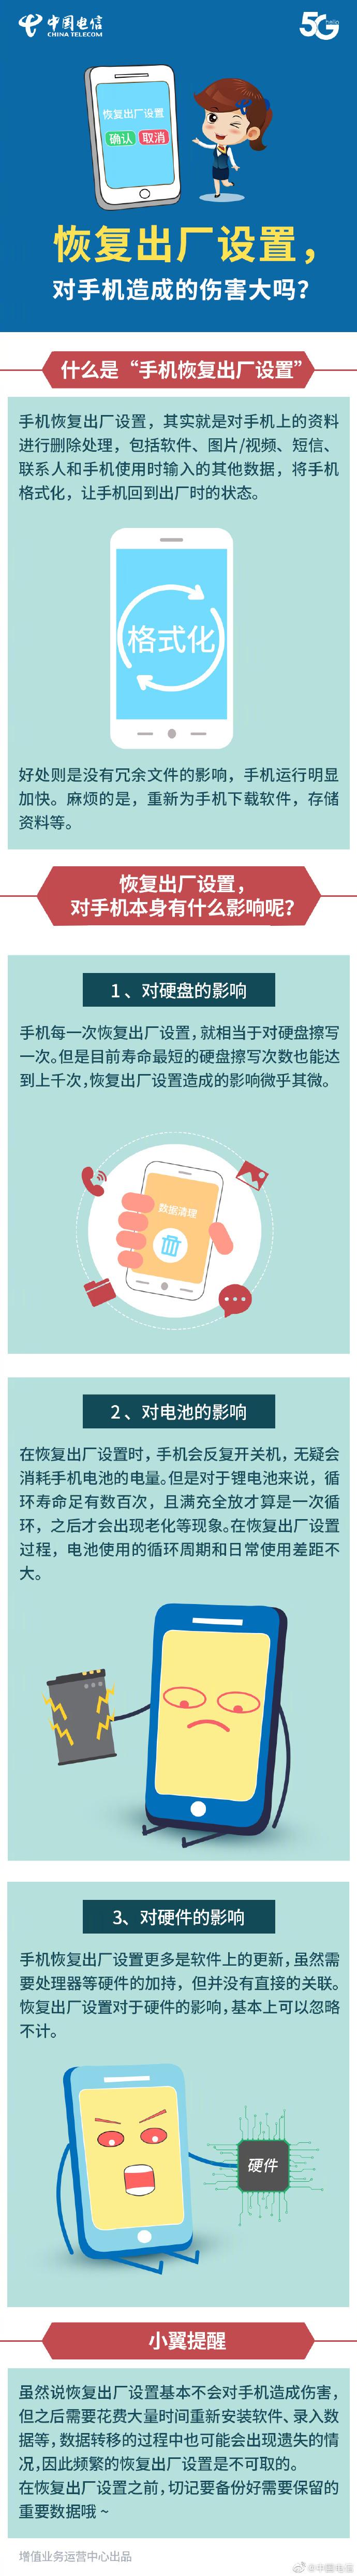 恢复出厂设置,对手机本身有什么影响?中国电信解读